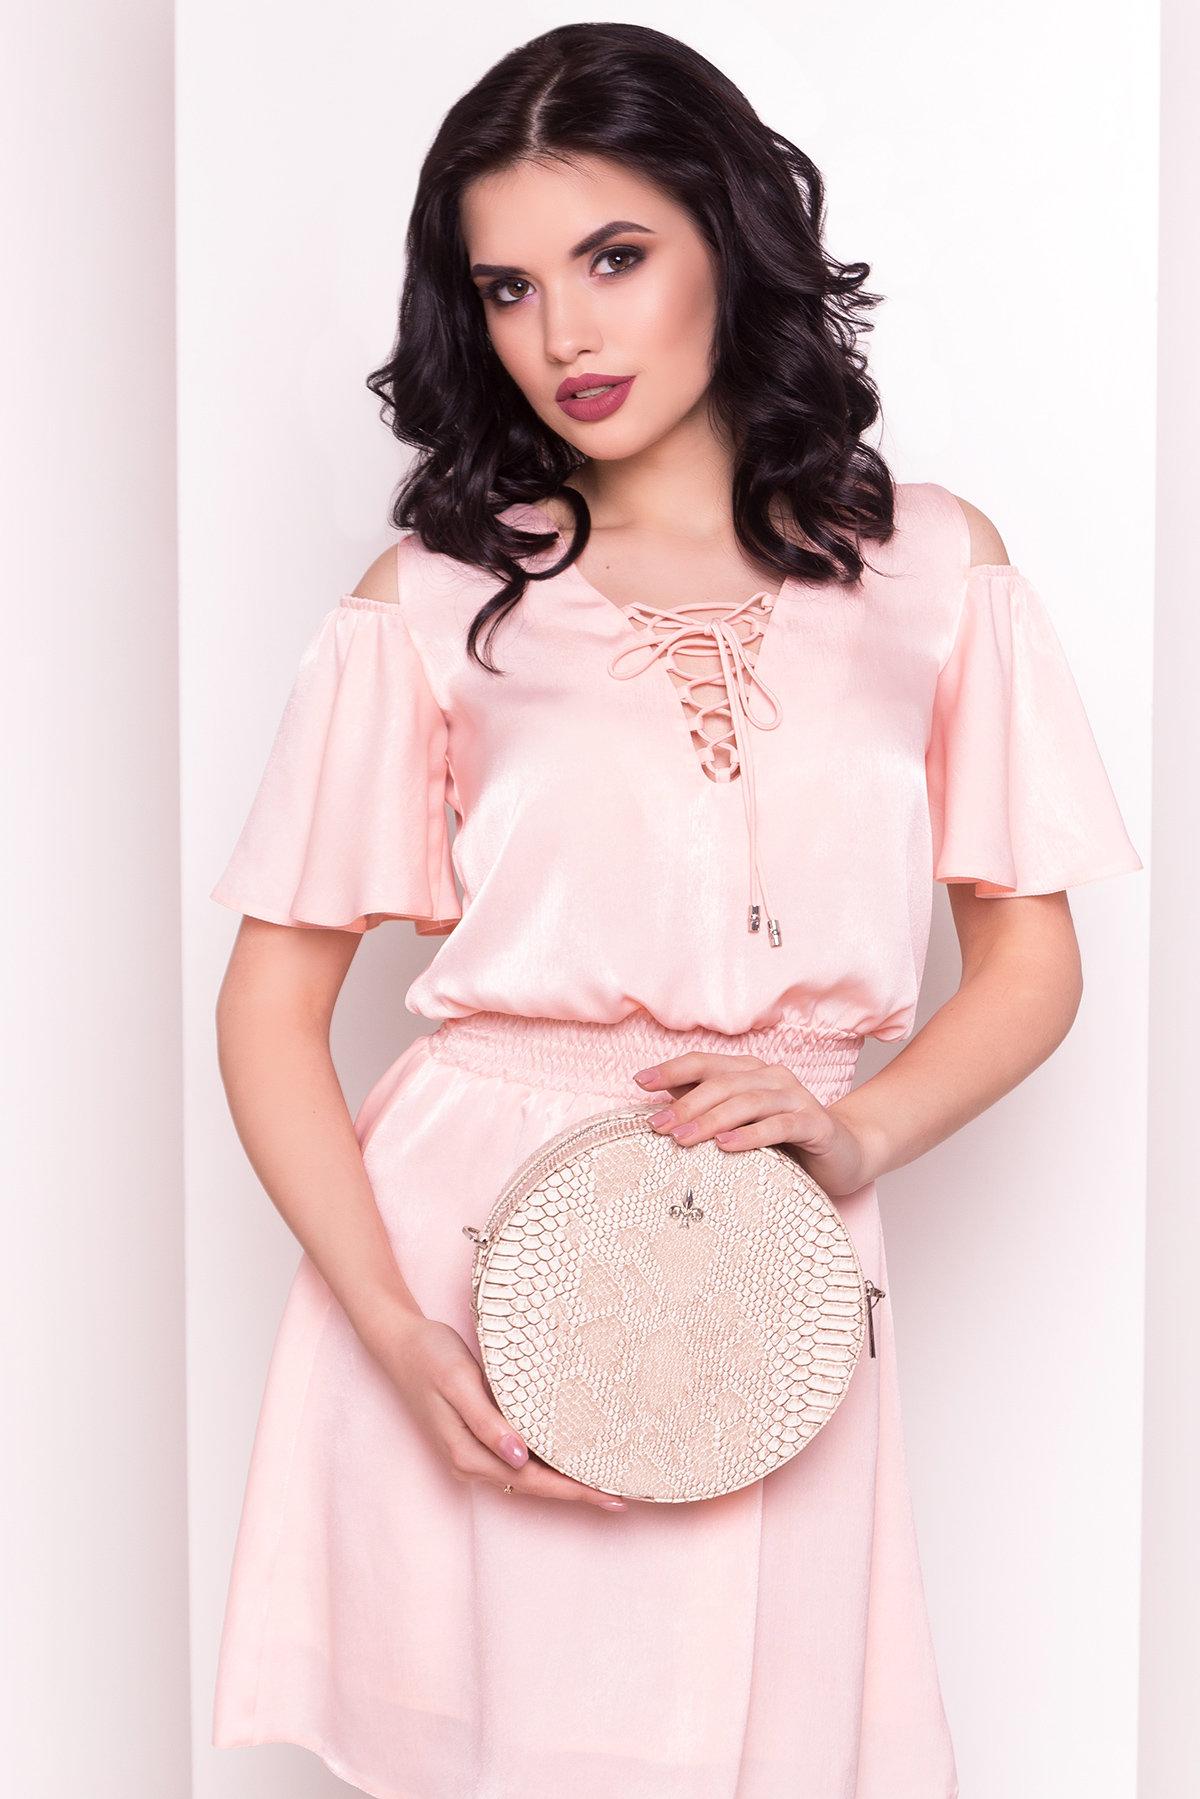 Платье Лолли 5073 АРТ. 35582 Цвет: Пудра - фото 2, интернет магазин tm-modus.ru